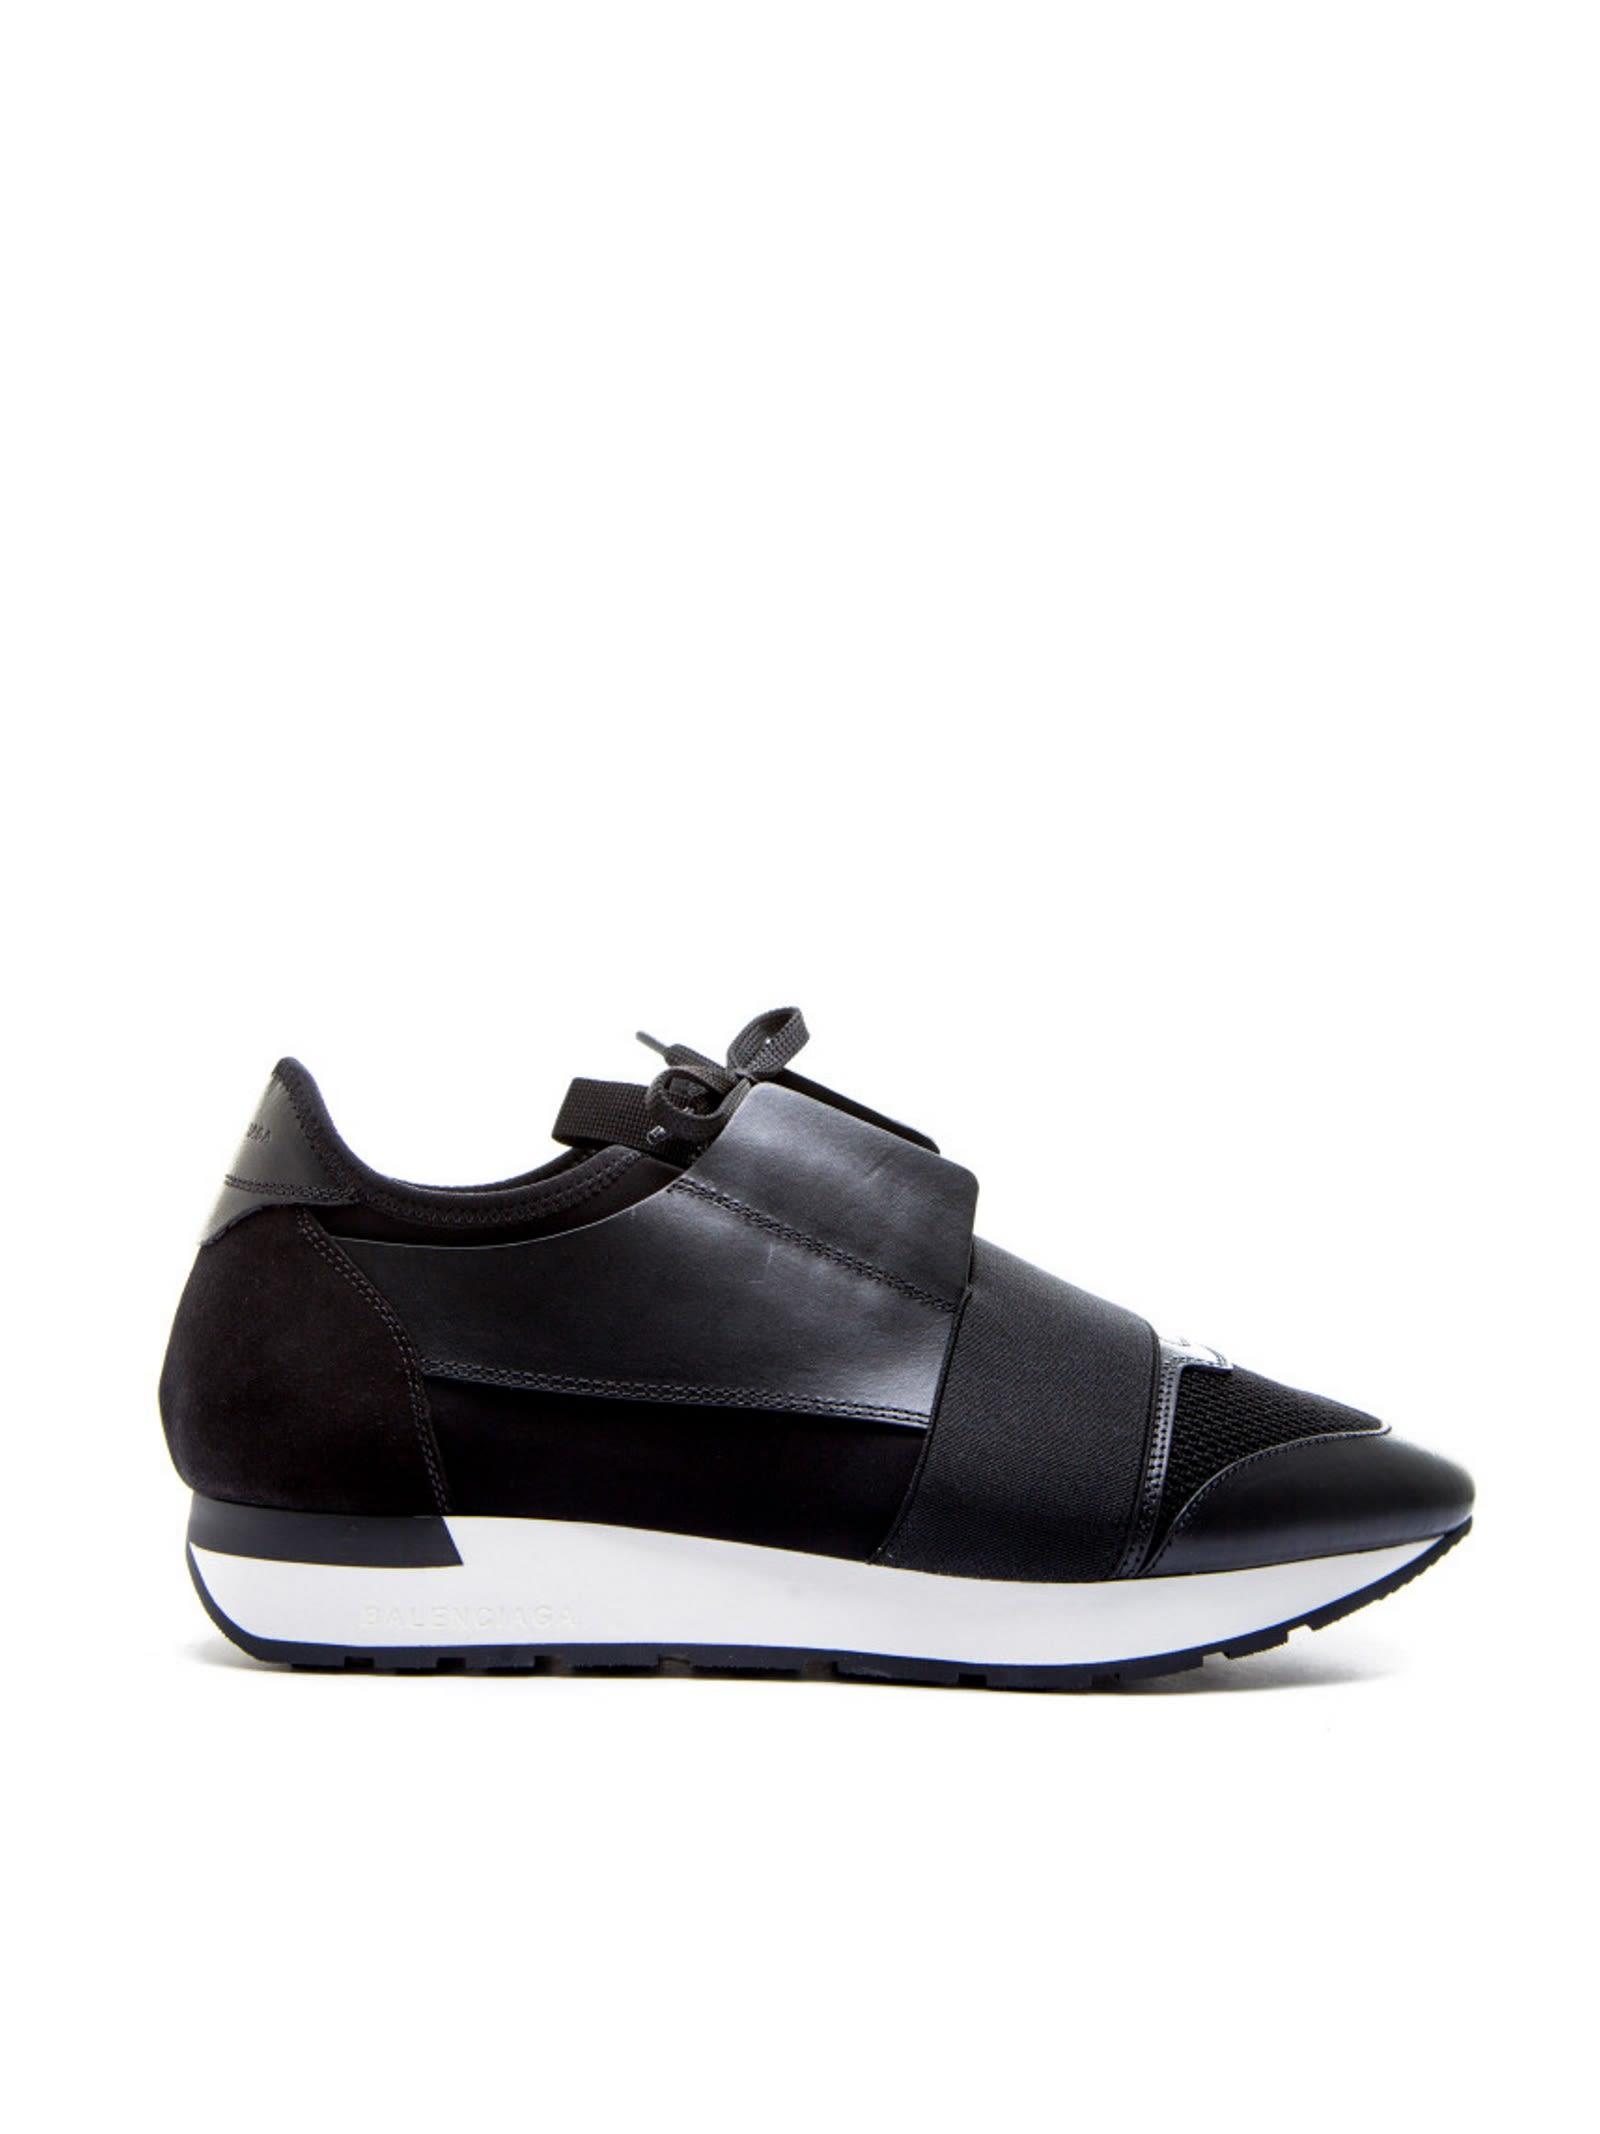 ef20da181b6d Balenciaga - Balenciaga Race Runners Black Sneakers - NOIR